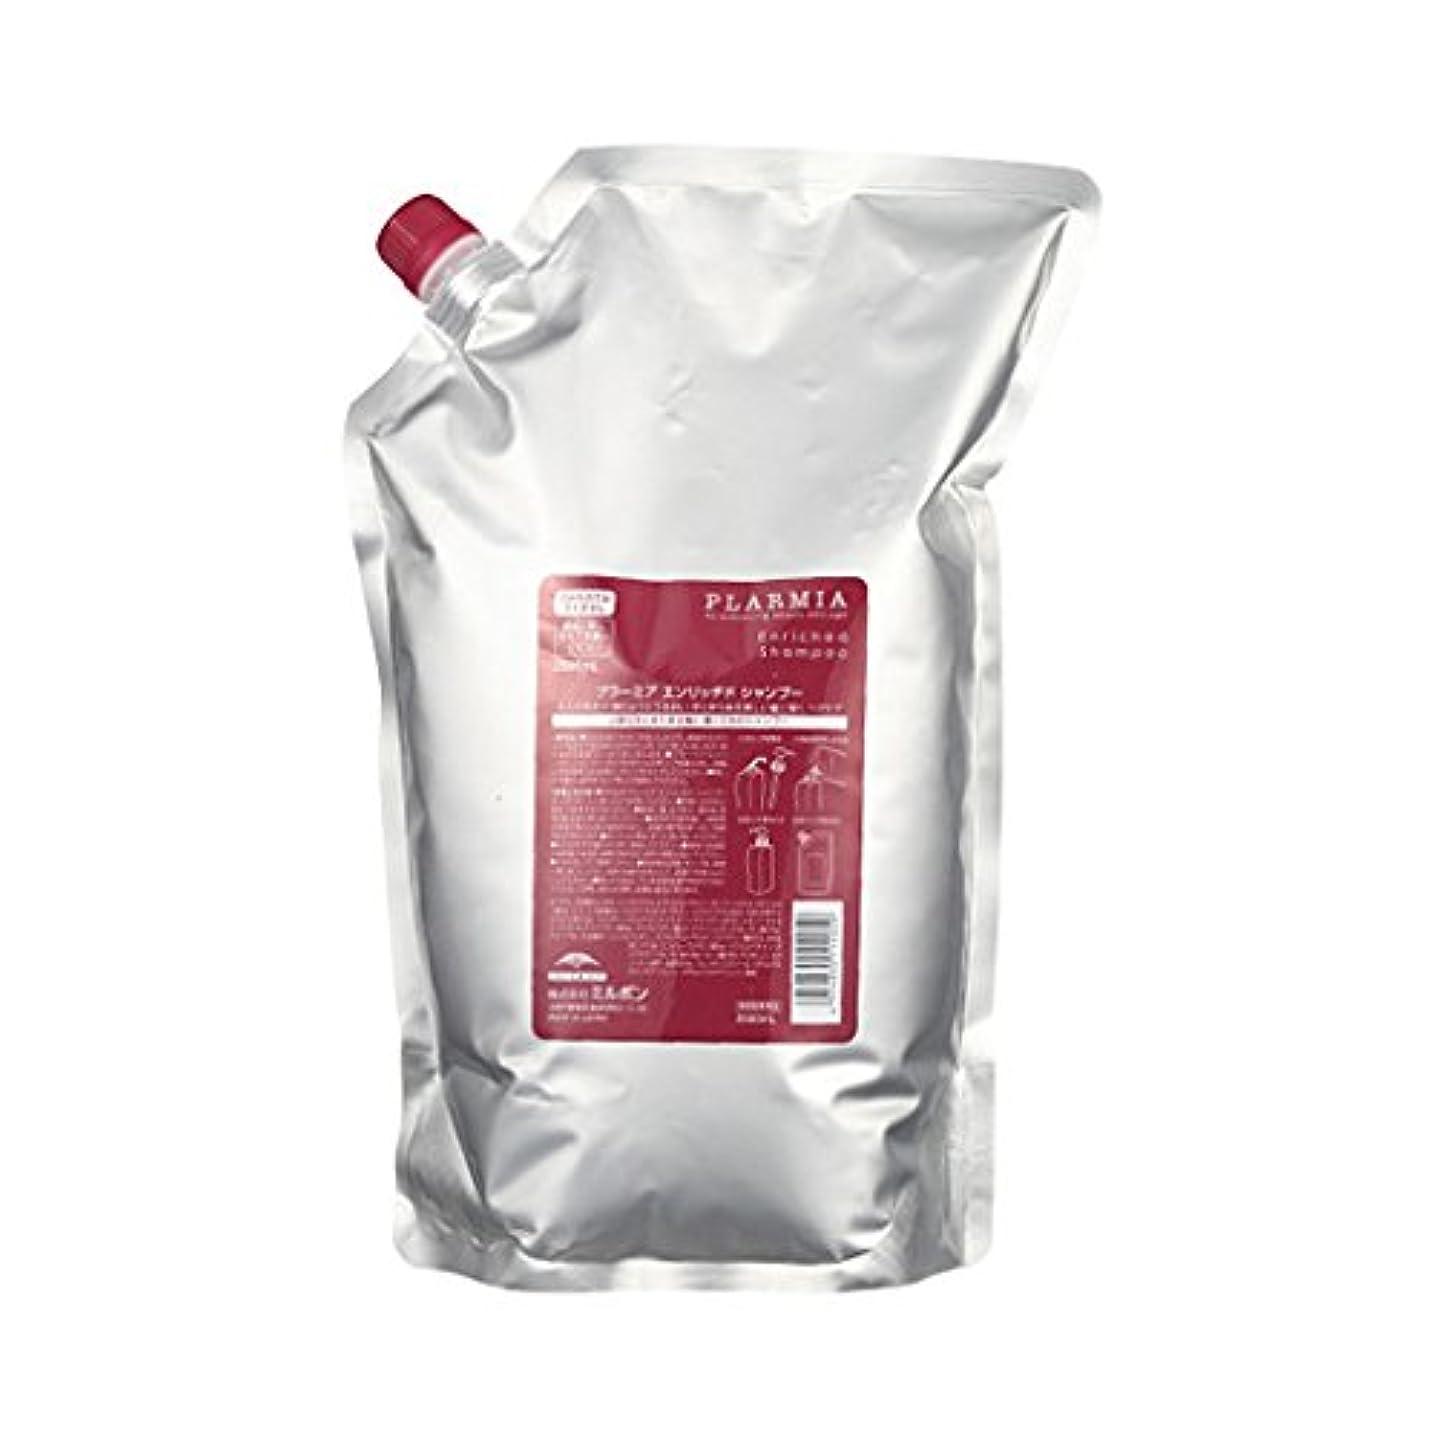 ドル罪悪感カルシウムミルボン プラーミア エンリッチド シャンプー (2500mlパック) 詰替用